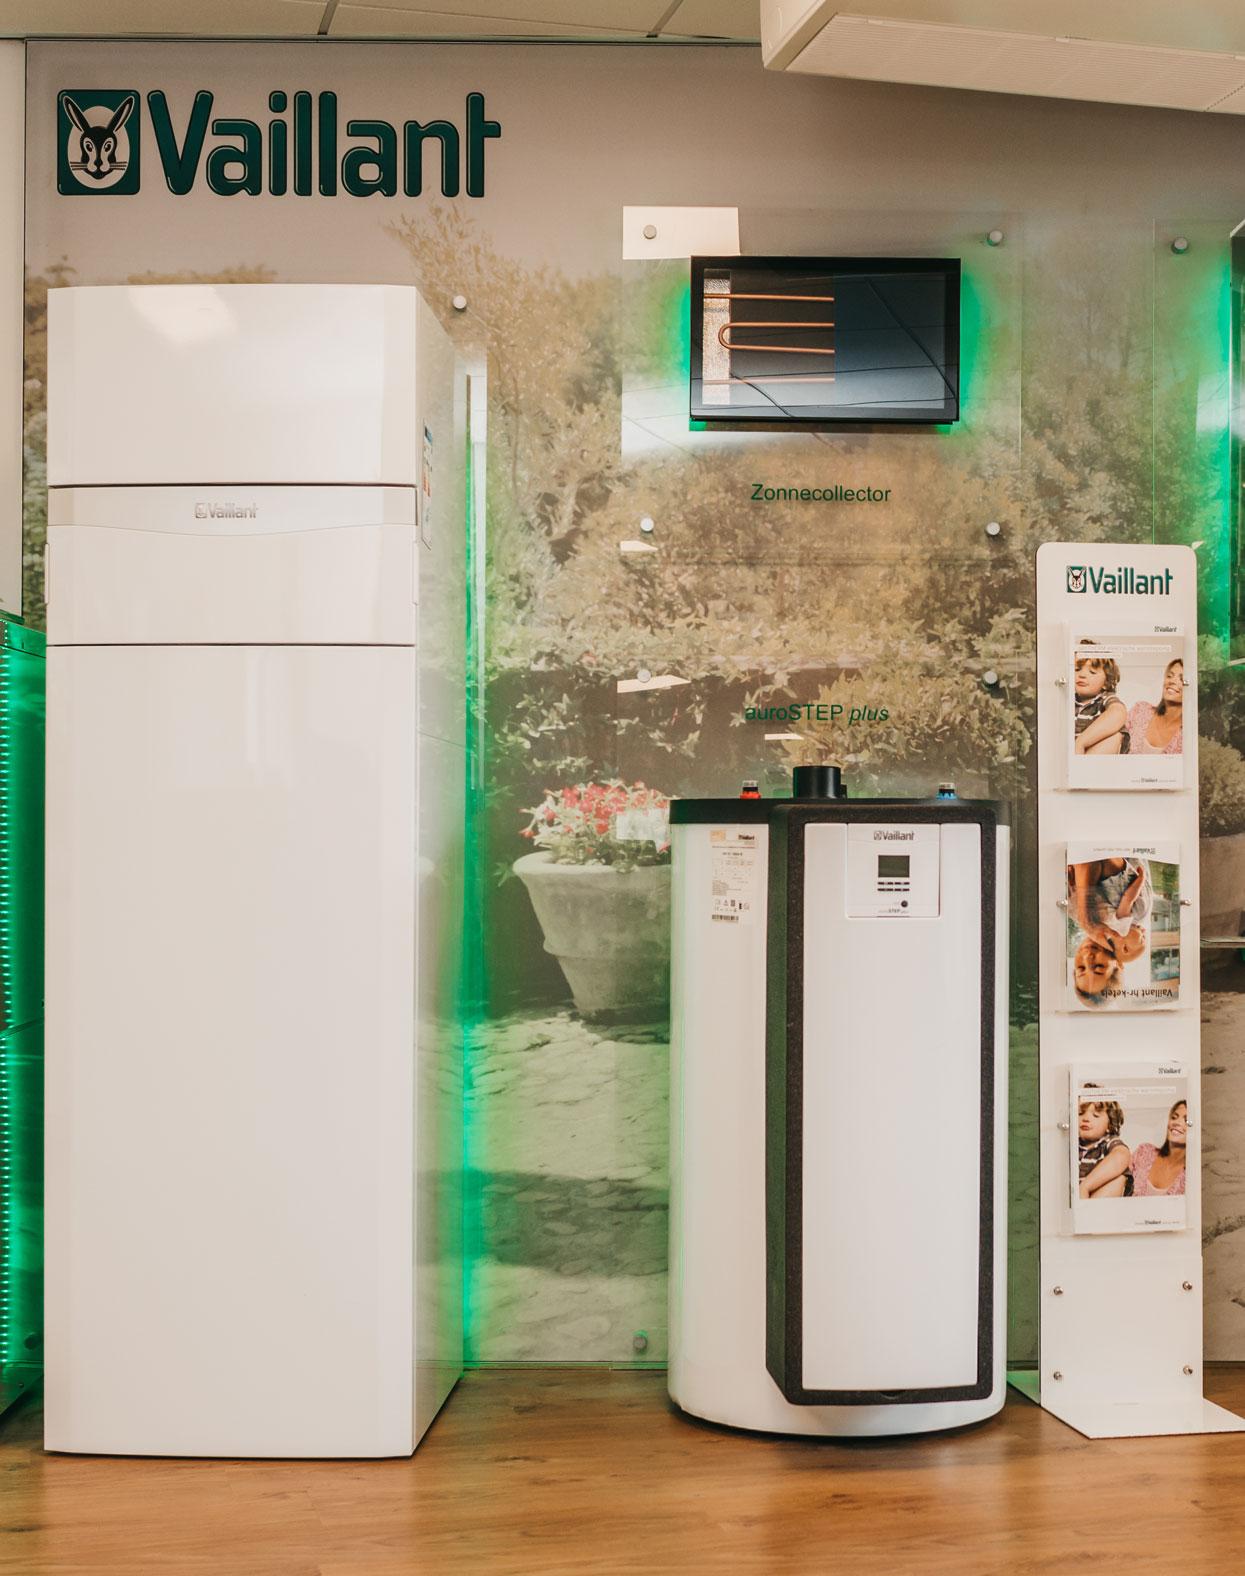 Vaillant-zonneboiler-showroom-vanslooten